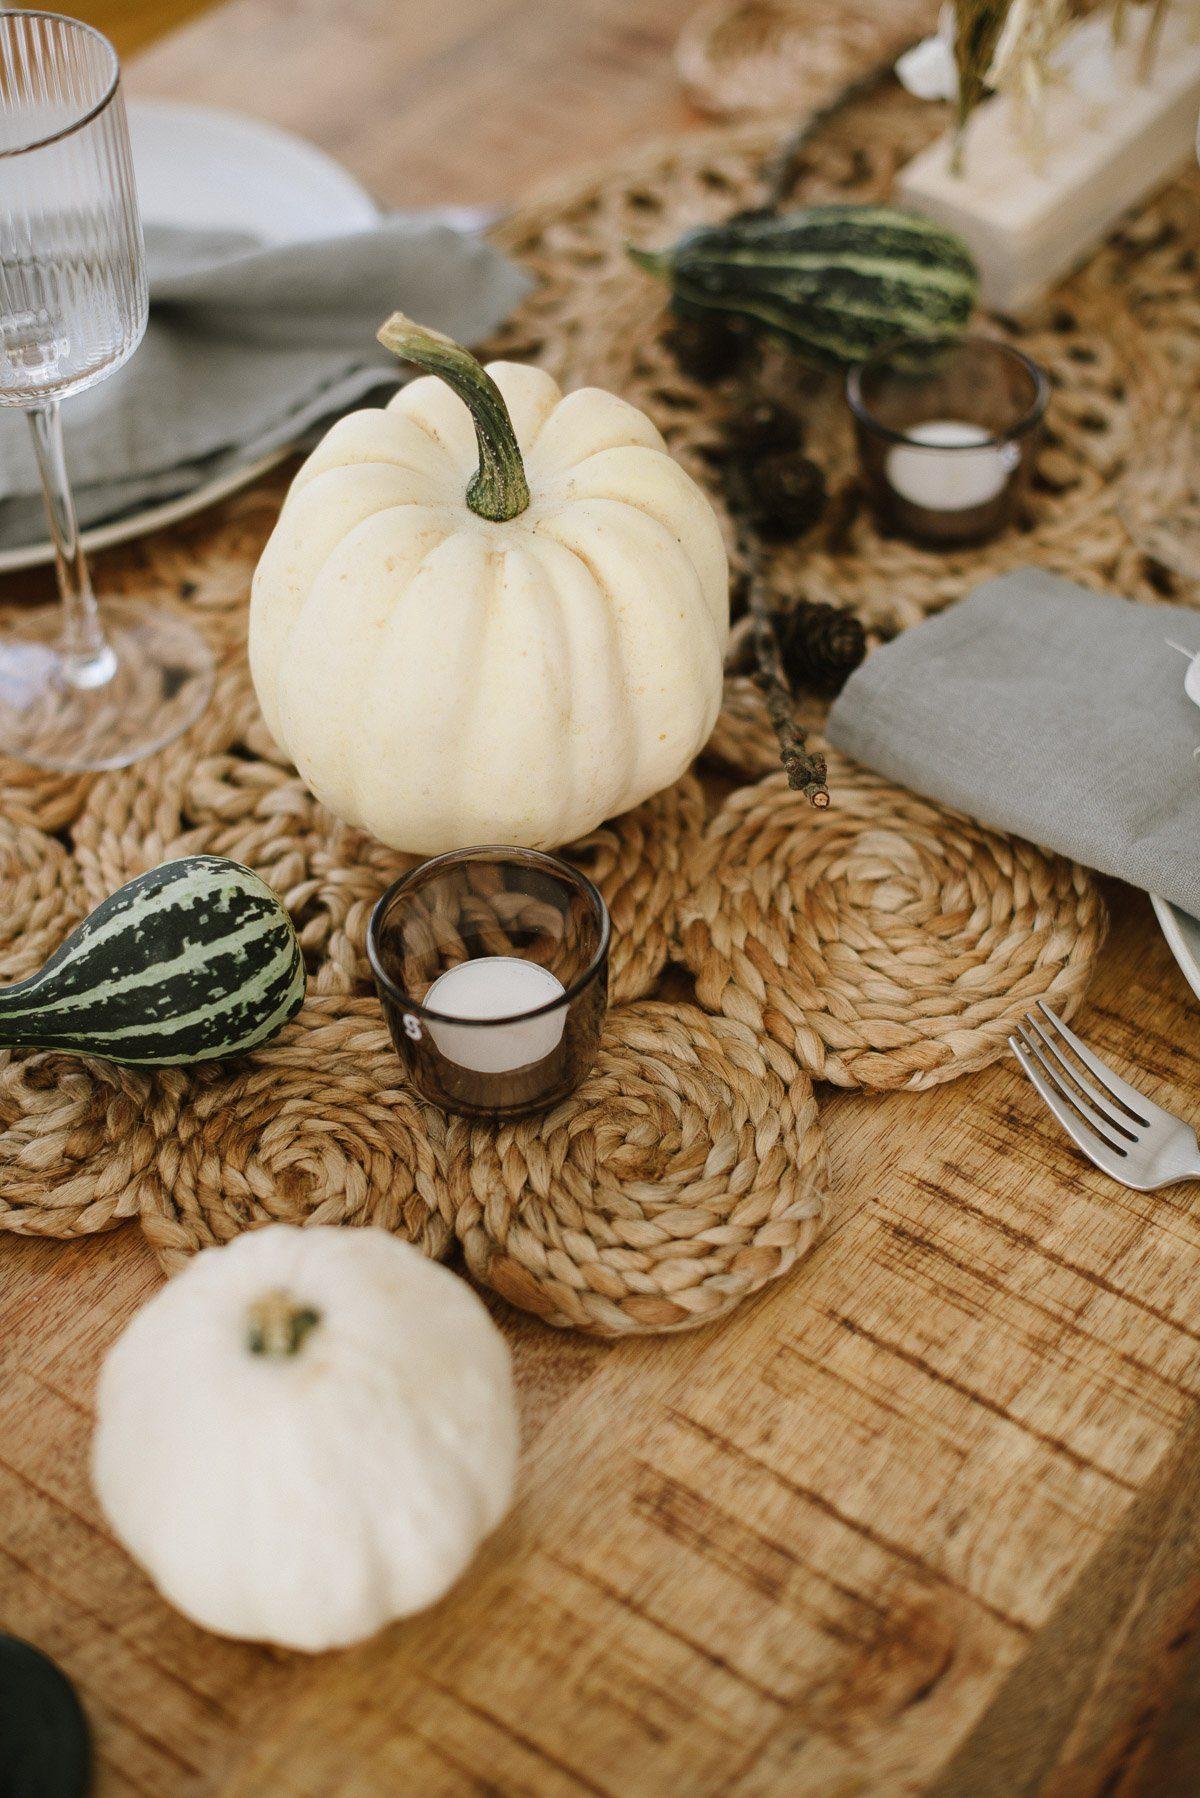 Herbsttisch gedeckt mit weißen und grünen Kürbissen